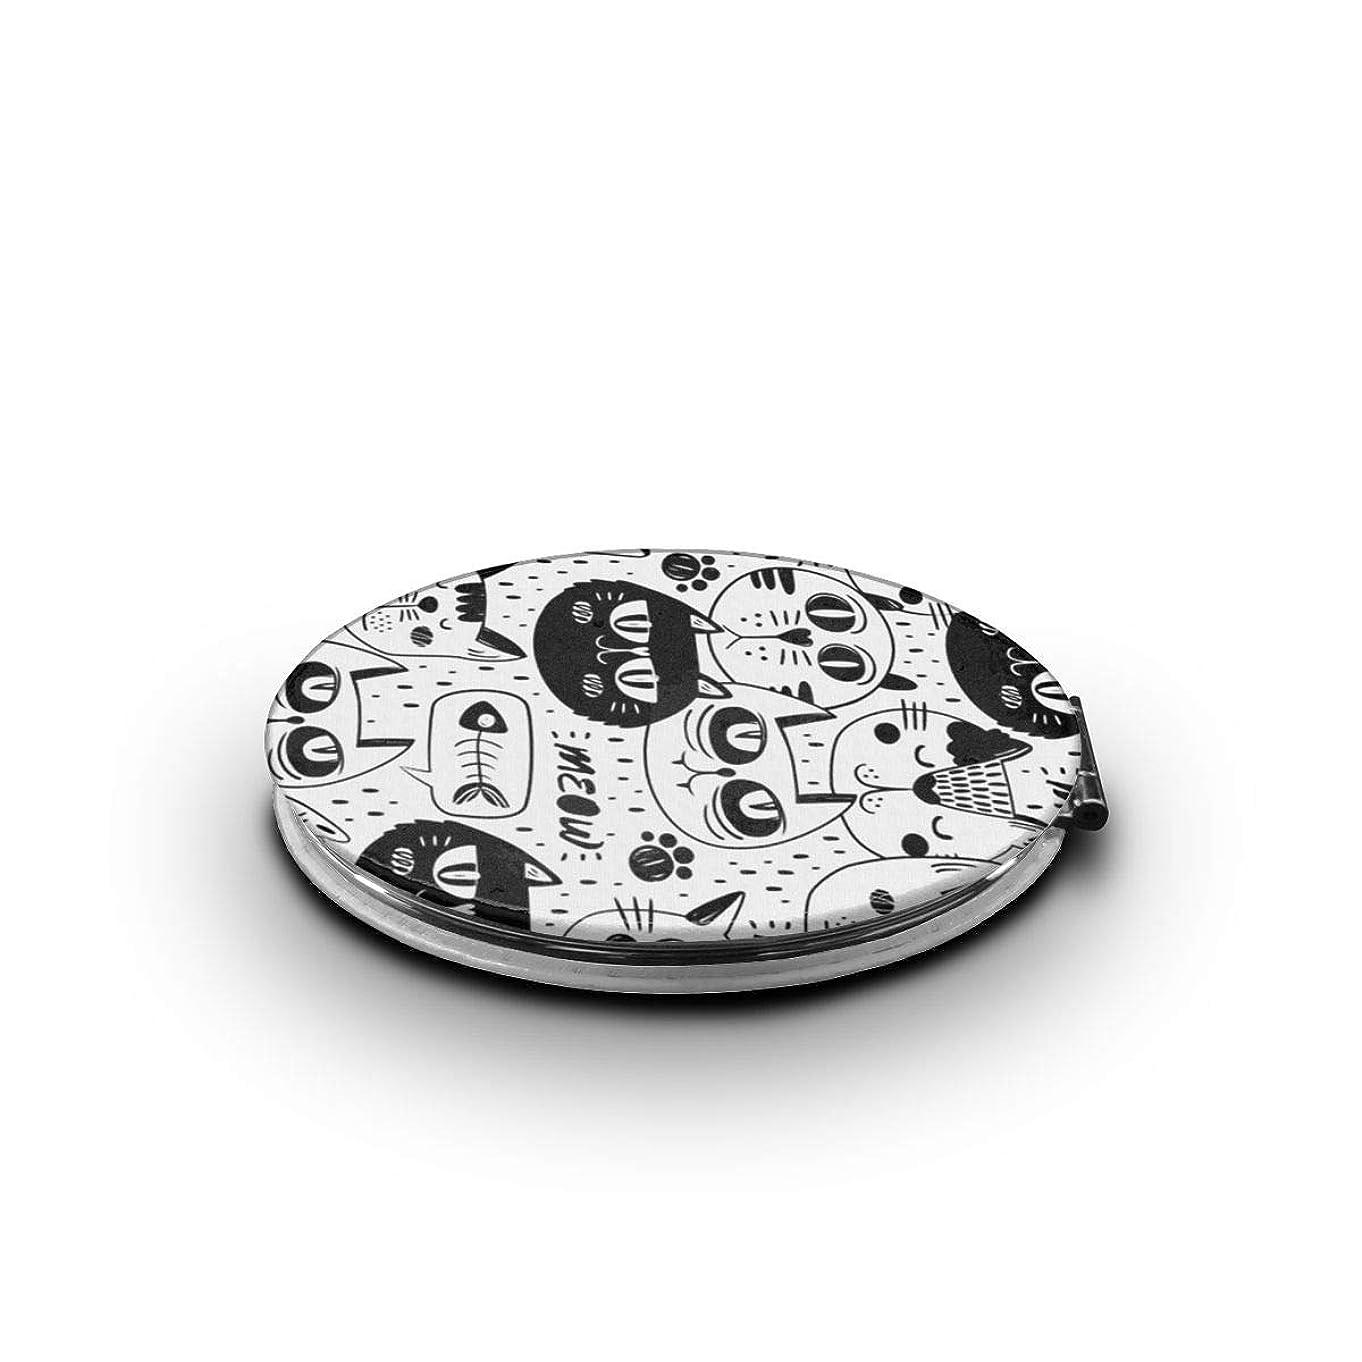 魔術師米国質量携帯ミラー 黒猫ミニ化粧鏡 化粧鏡 3倍拡大鏡+等倍鏡 両面化粧鏡 楕円形 携帯型 折り畳み式 コンパクト鏡 外出に 持ち運び便利 超軽量 おしゃれ 9.0X6.6CM